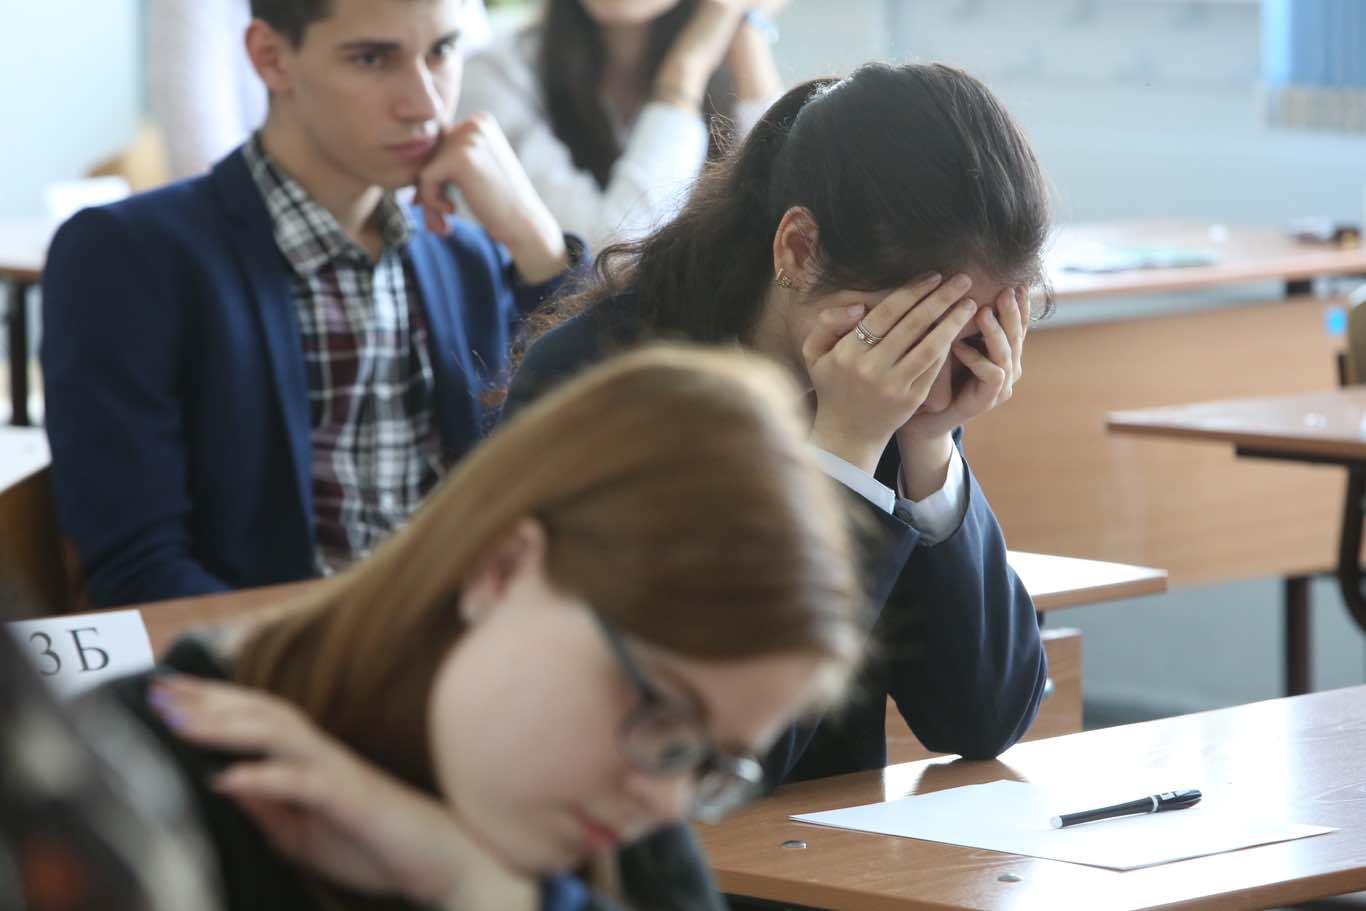 Обнародовано расписание ОГЭ для выпускников 9 классов в 2020 году